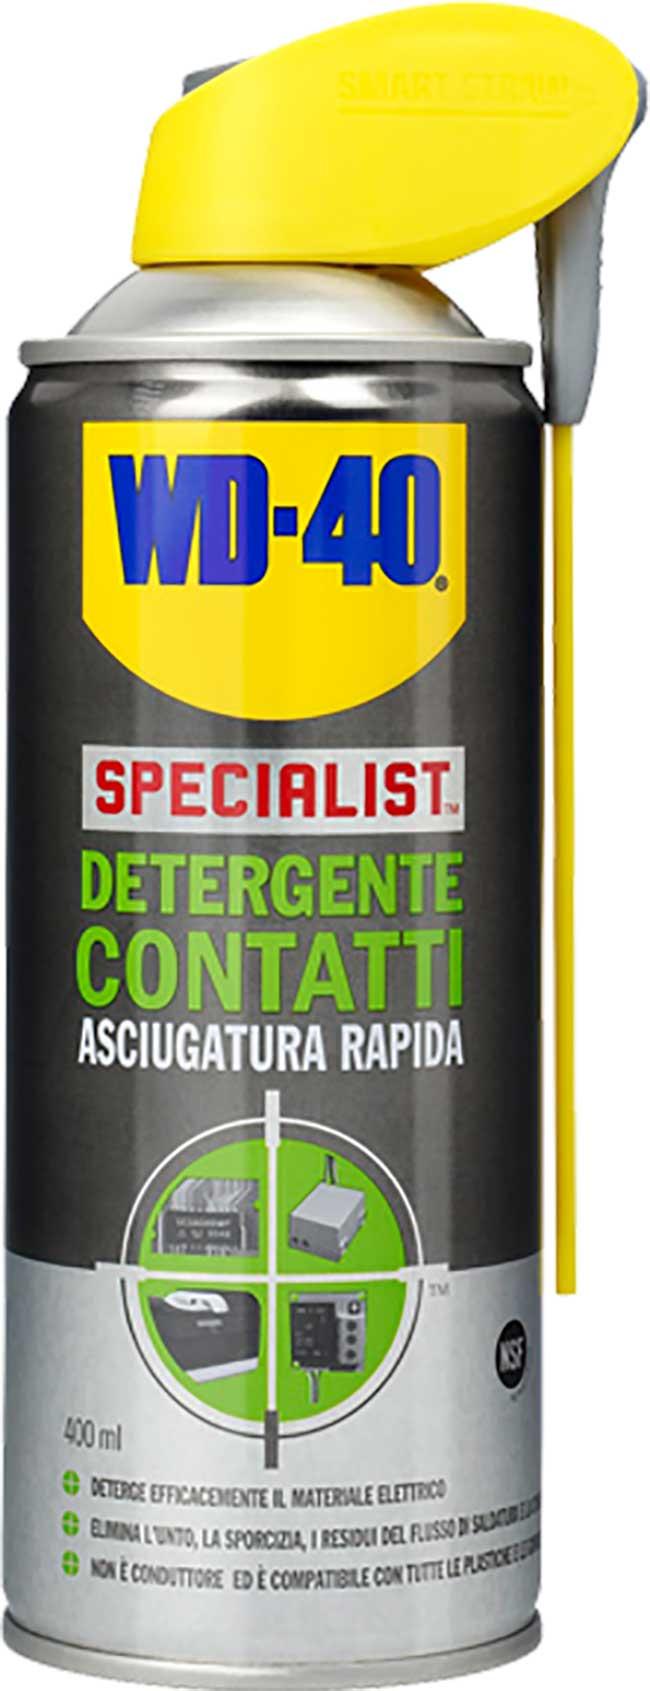 detergente-per-contatti-2